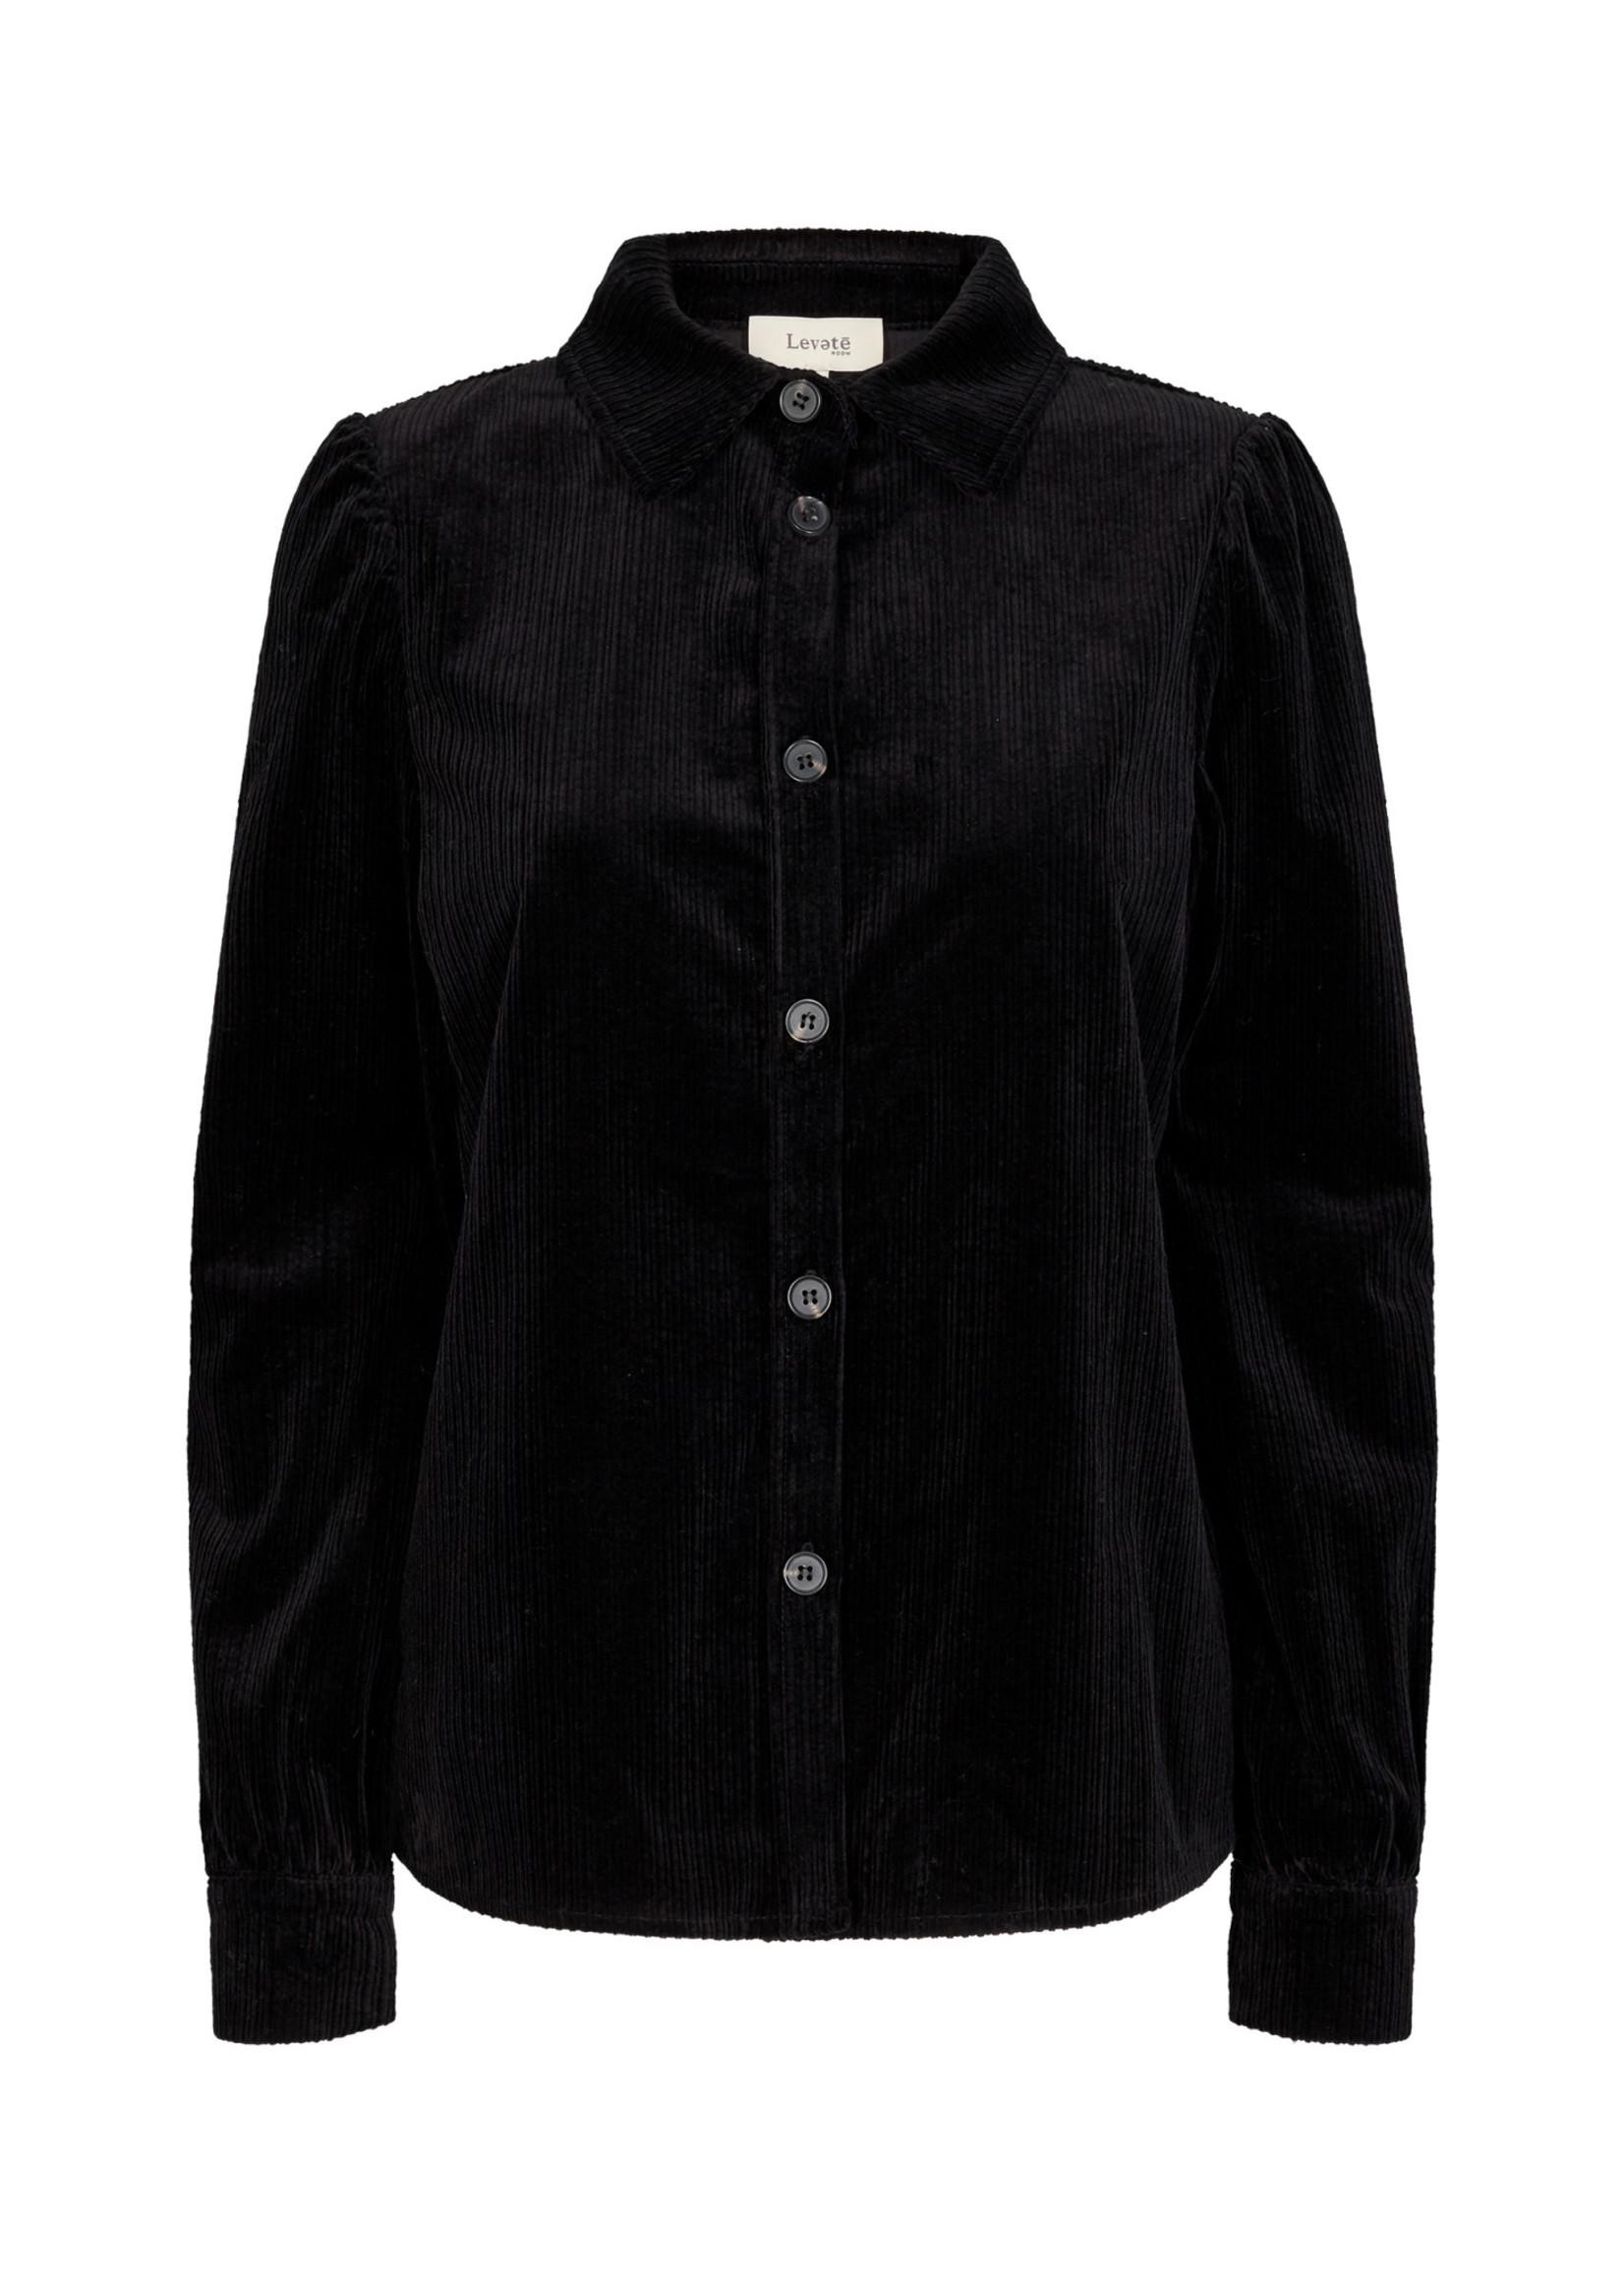 LeveteRoom Olena Shirt zwart